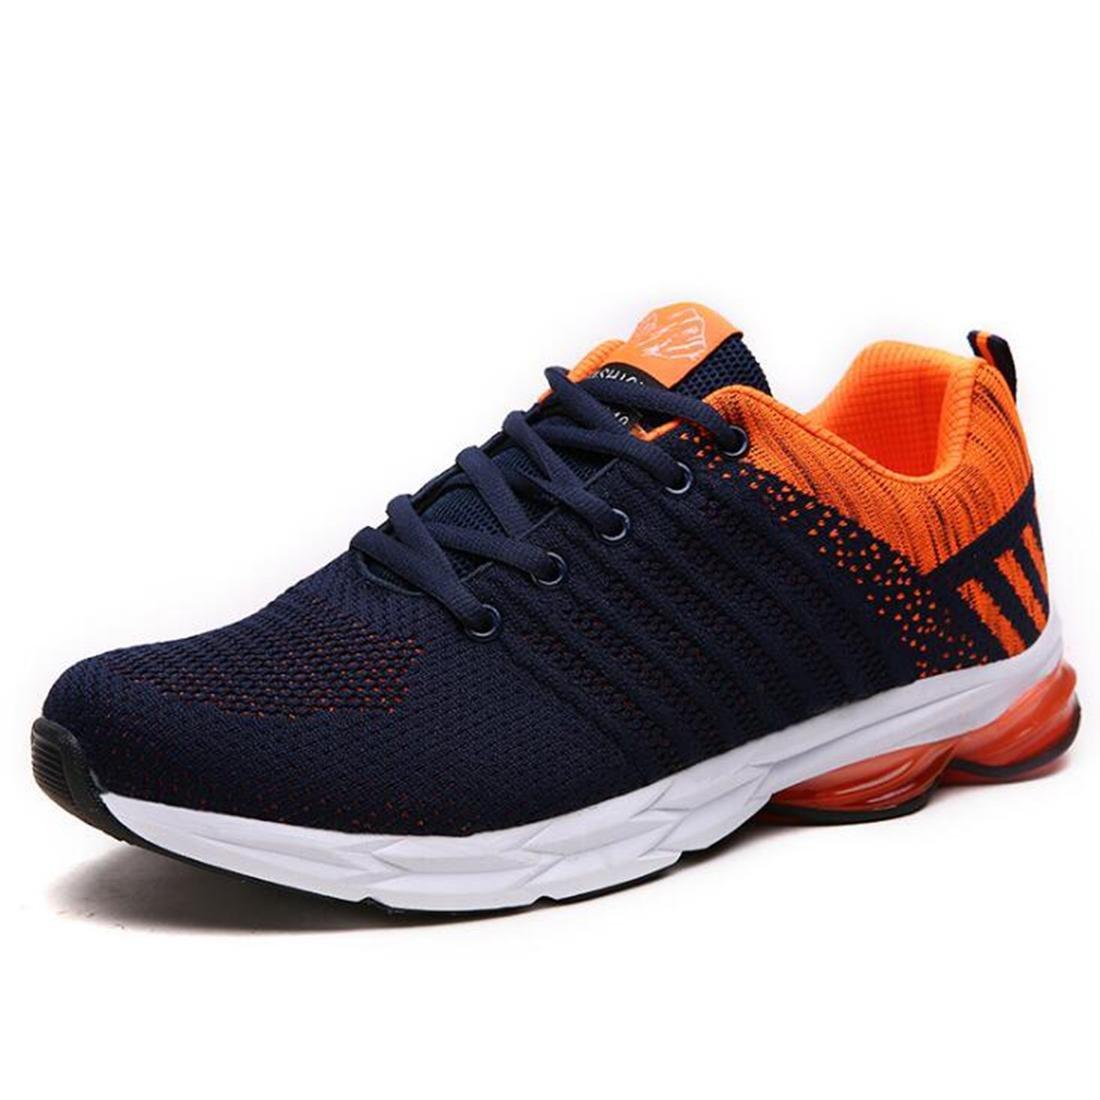 Otoño Loisirs de Plein Air zapatillas de moscas de moda los zapatos de running de la moda de los modelos para caballero, naranja, 44 44|naranja